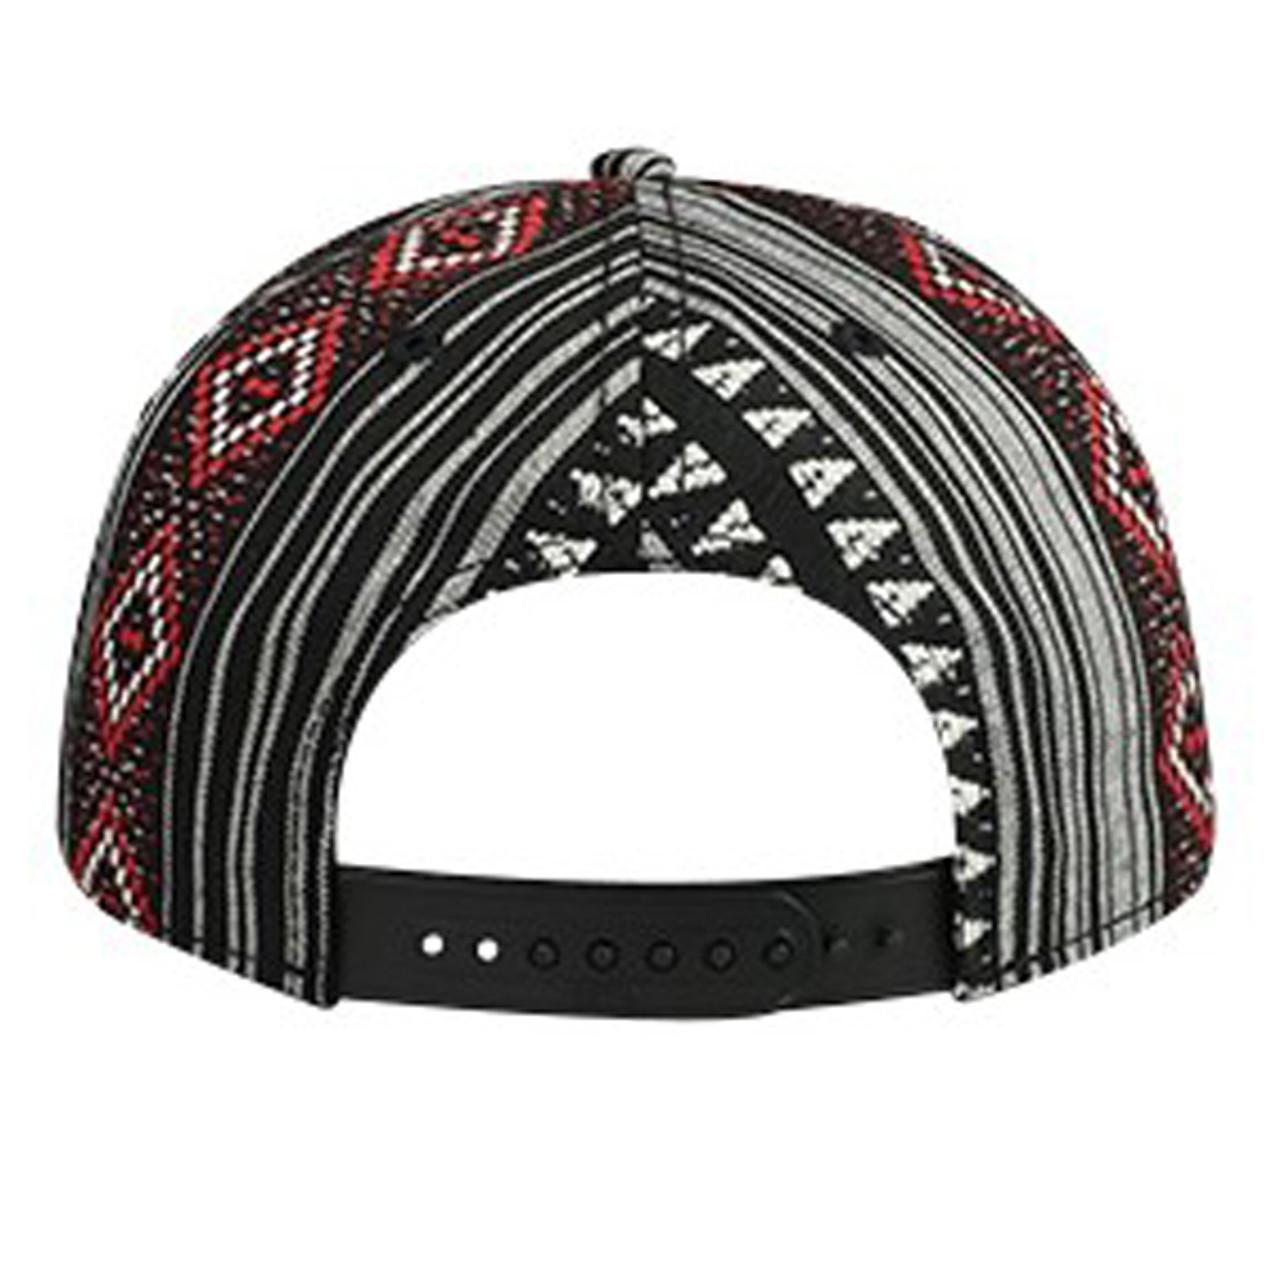 edf6c11b9 Otto Cap - Aztec Snapback Hat